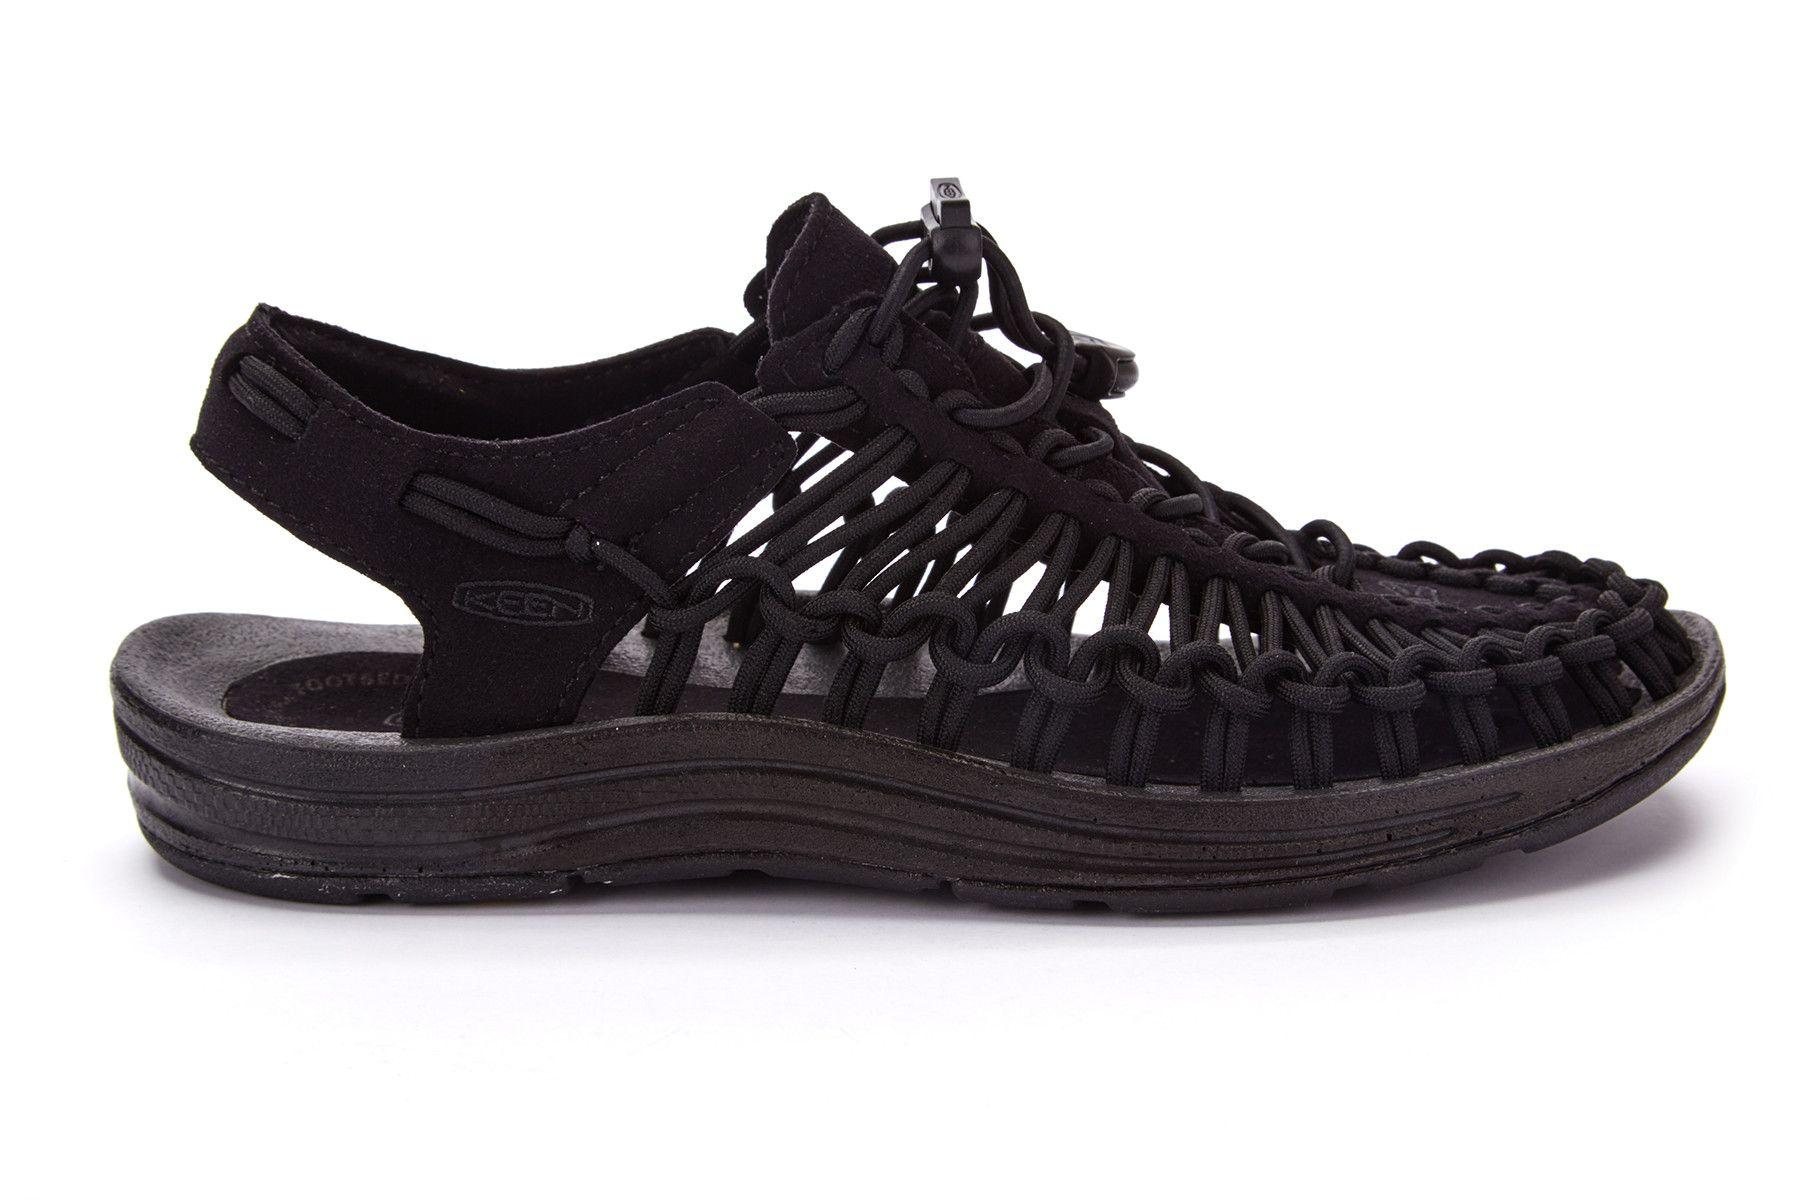 Black sandals grunge - Women S Sport Sandals Keen Uneek Black Women S Sport Sandals Keen Uneek Black